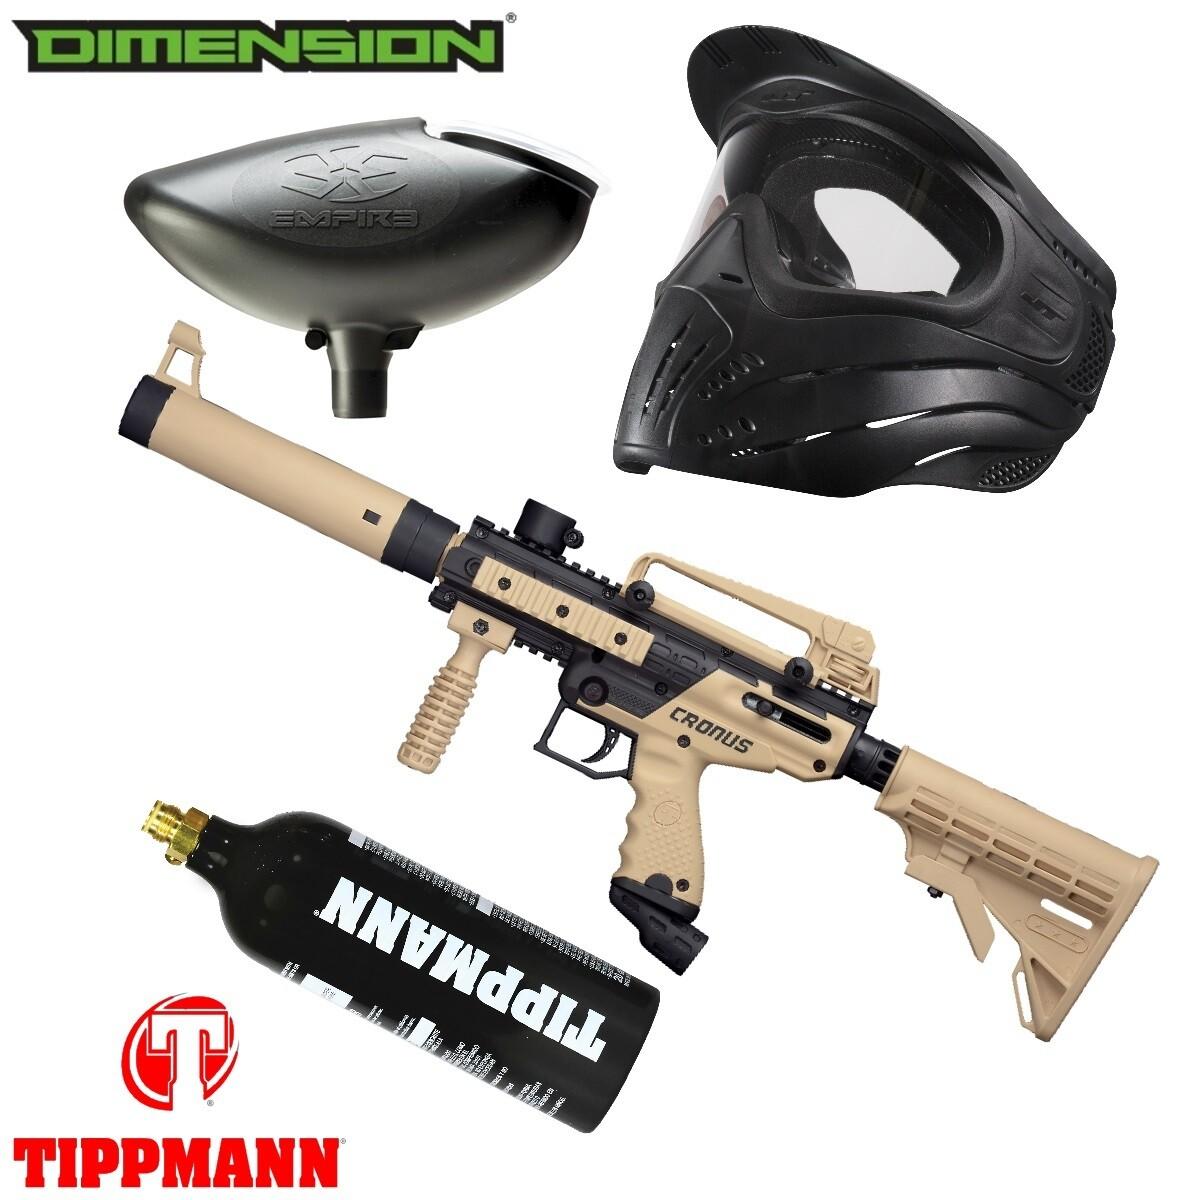 Marker Package - Tippmann Cronus Tactical Marker - Black:Tan / 200 Rnd. Loader / Premise Mask Single / 20oz Co2 Tank